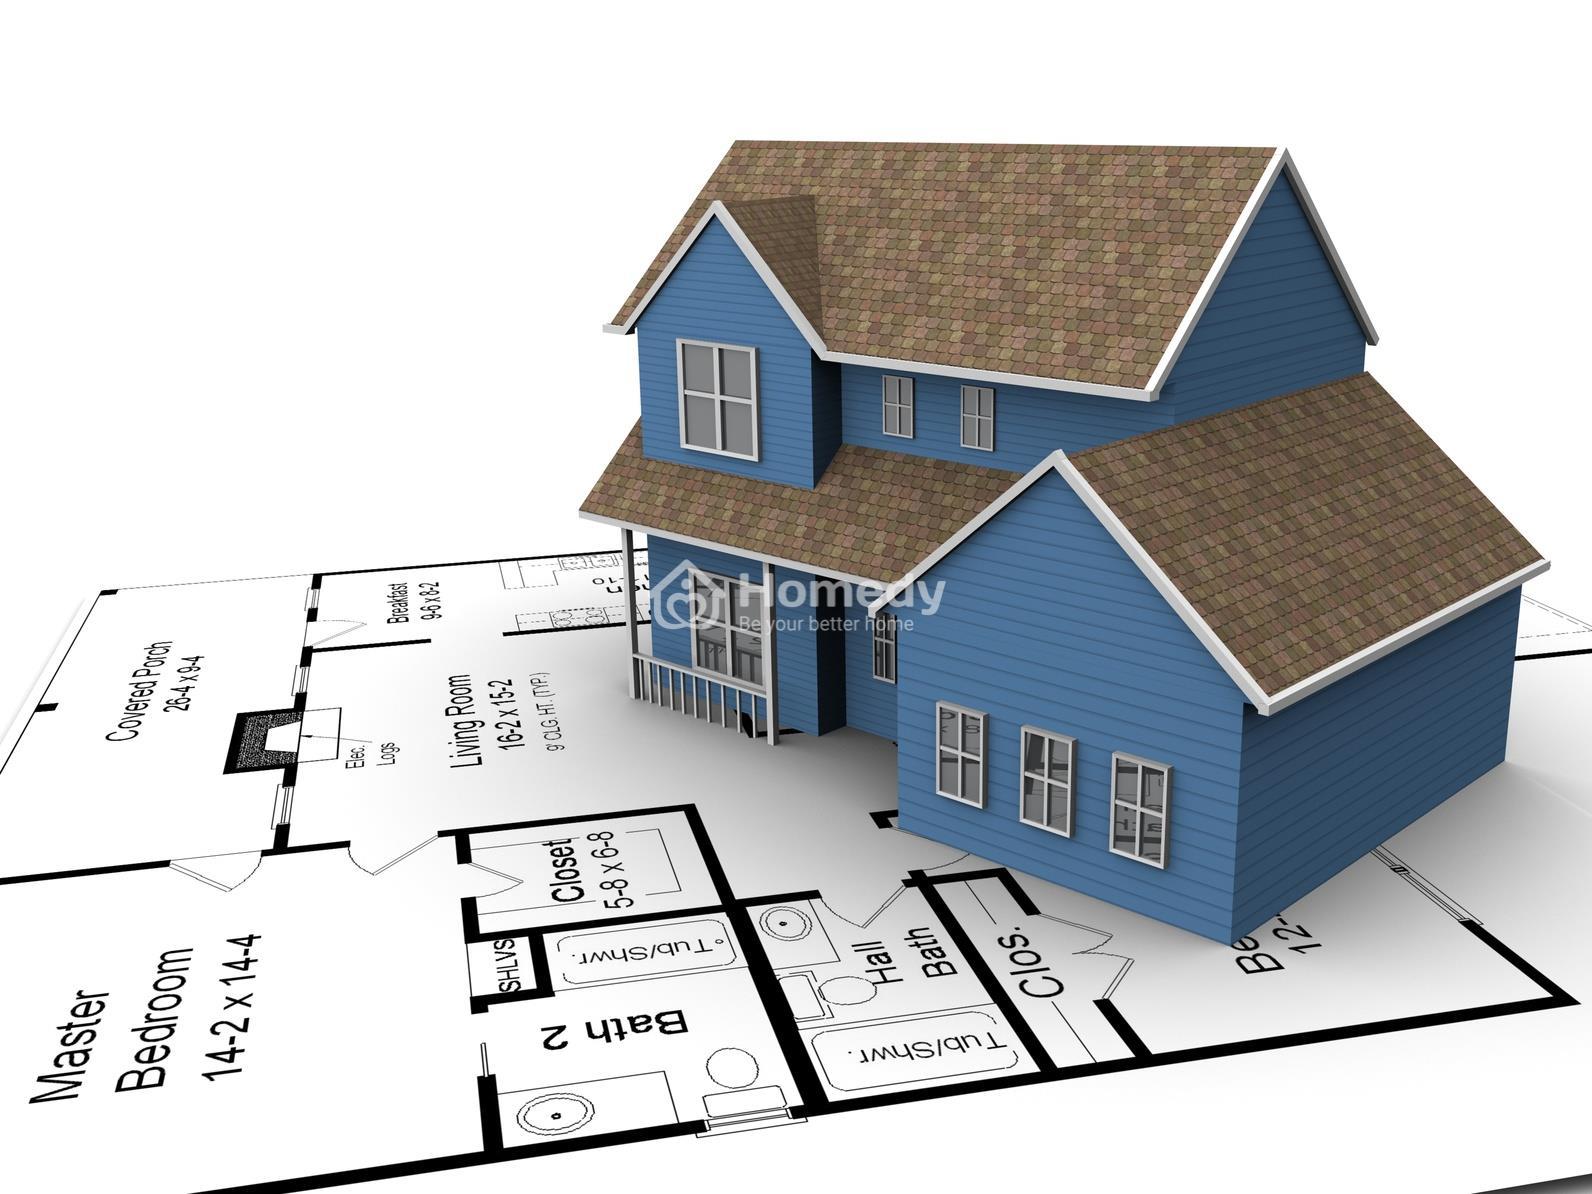 GFA là gì? Tổng diện tích sàn xây dựng là gì